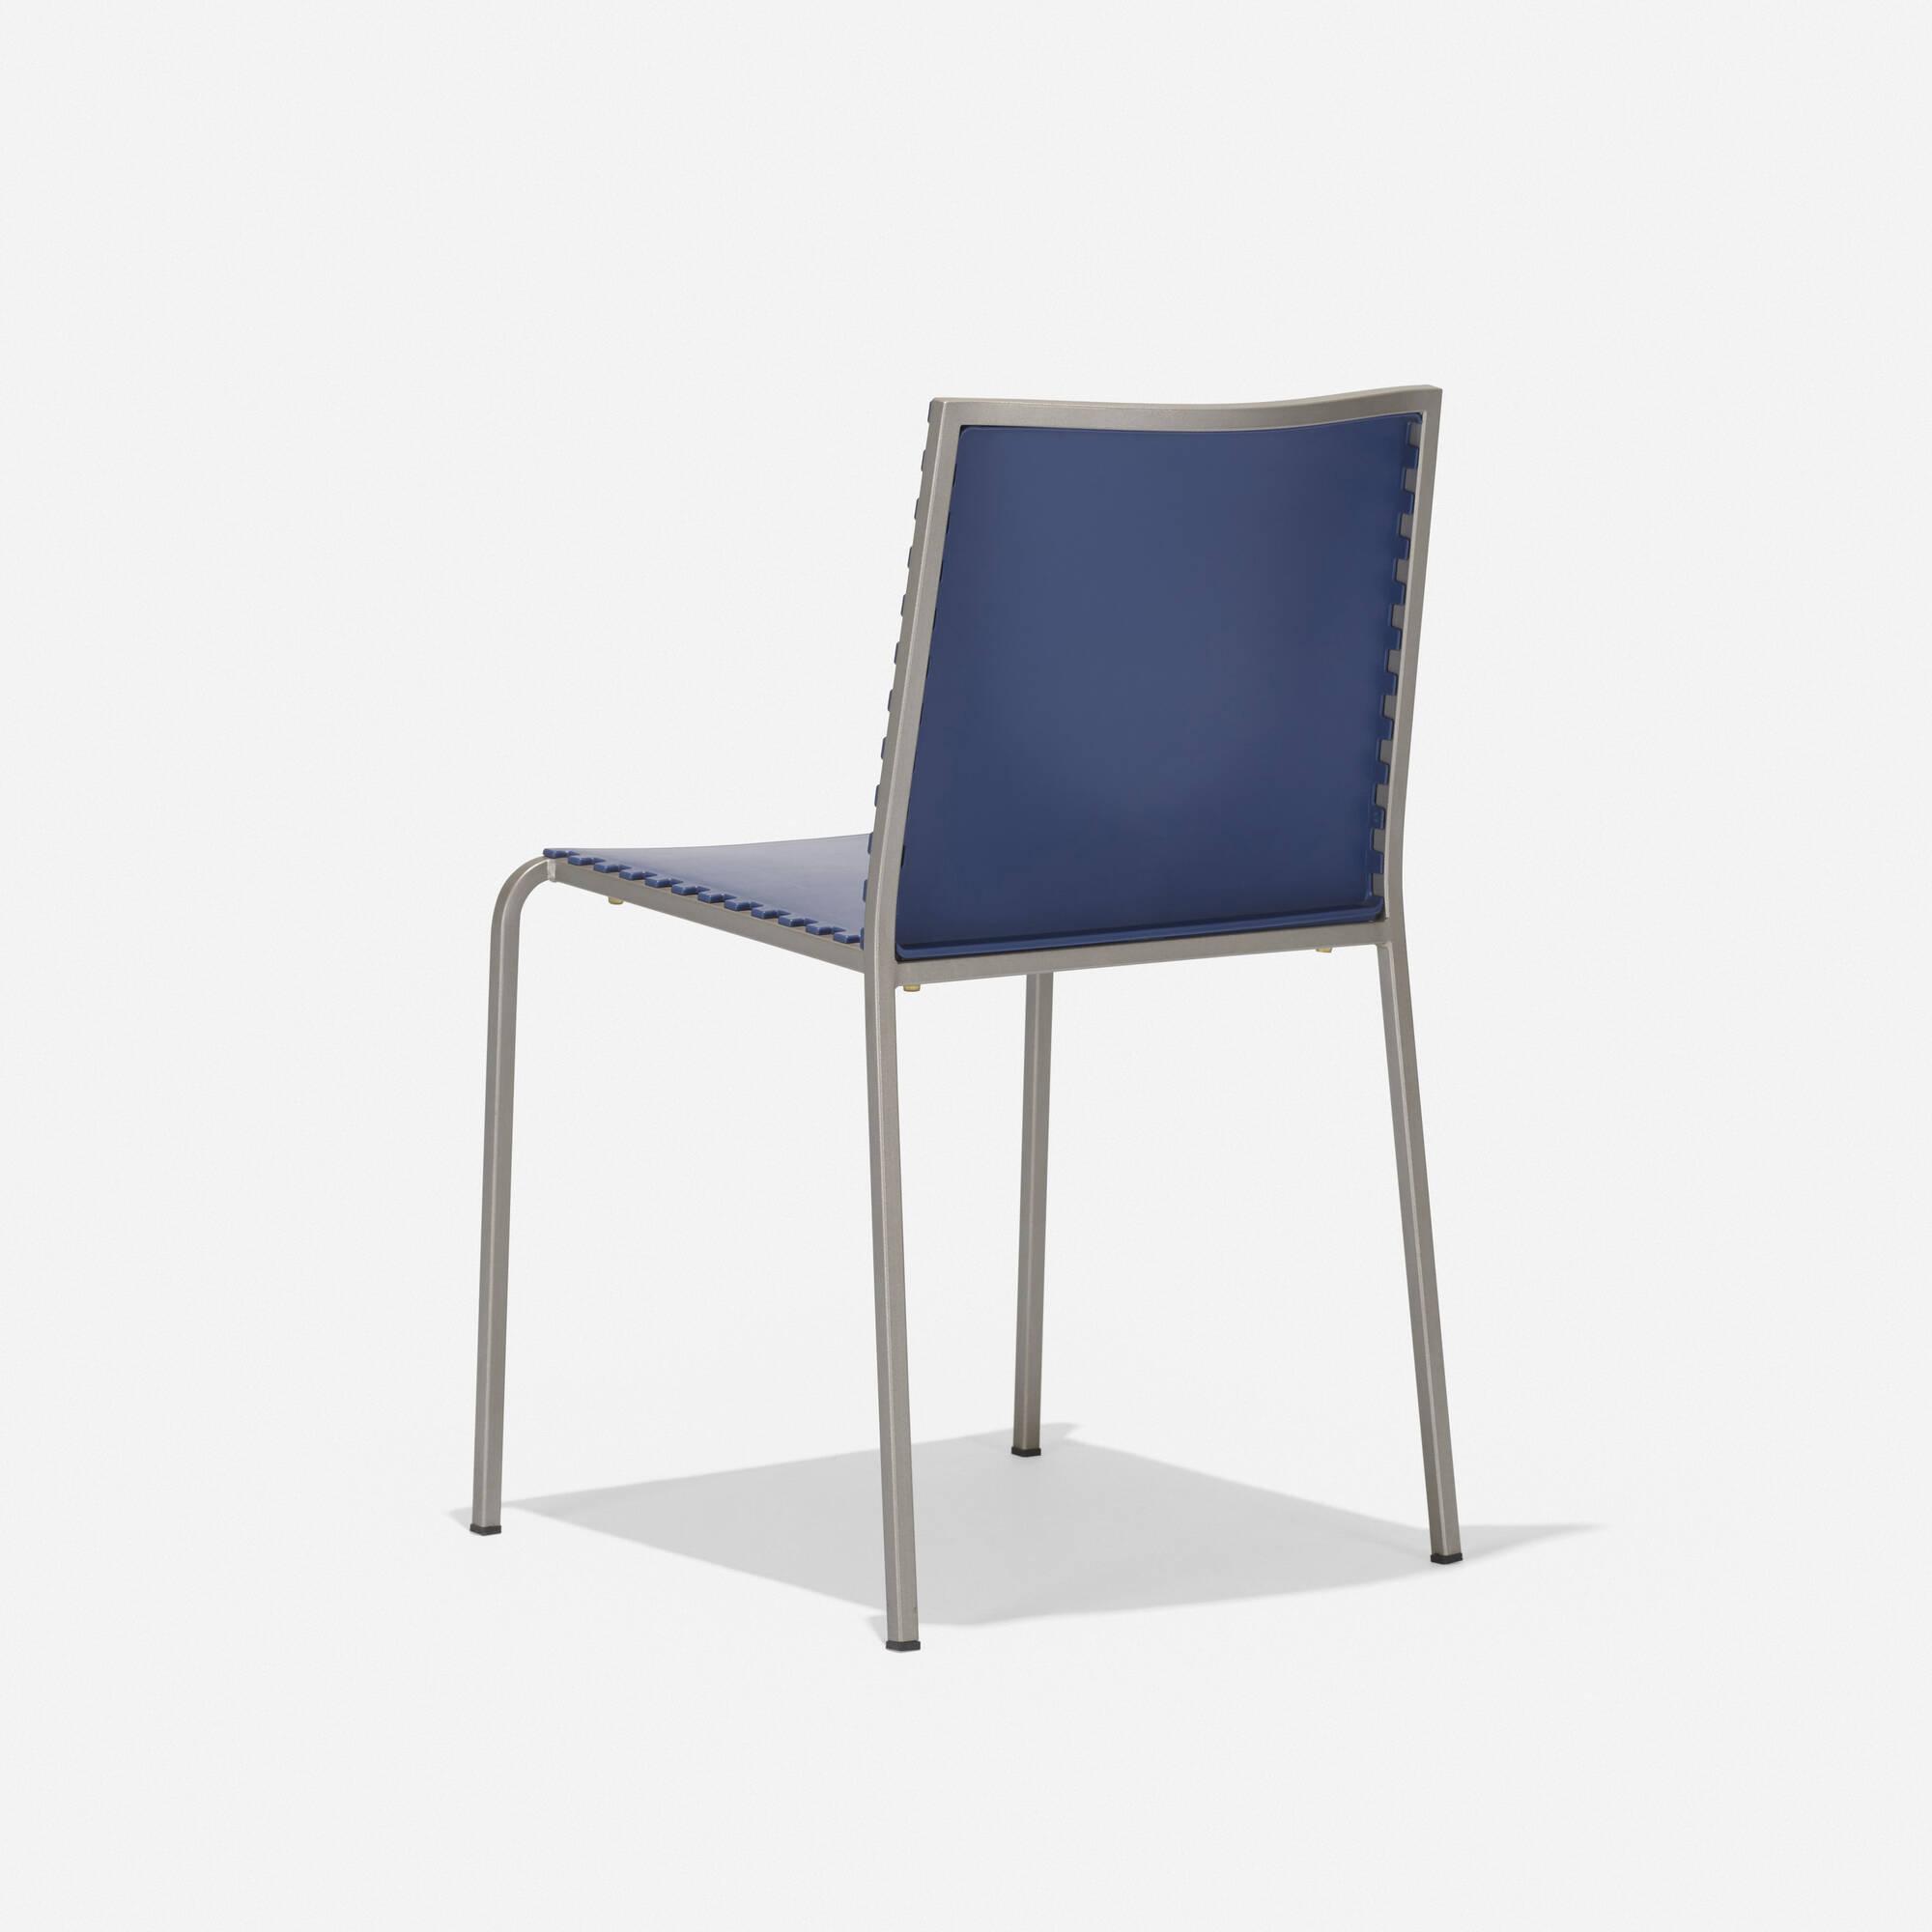 187: Marco Maran / Zip chair (2 of 4)